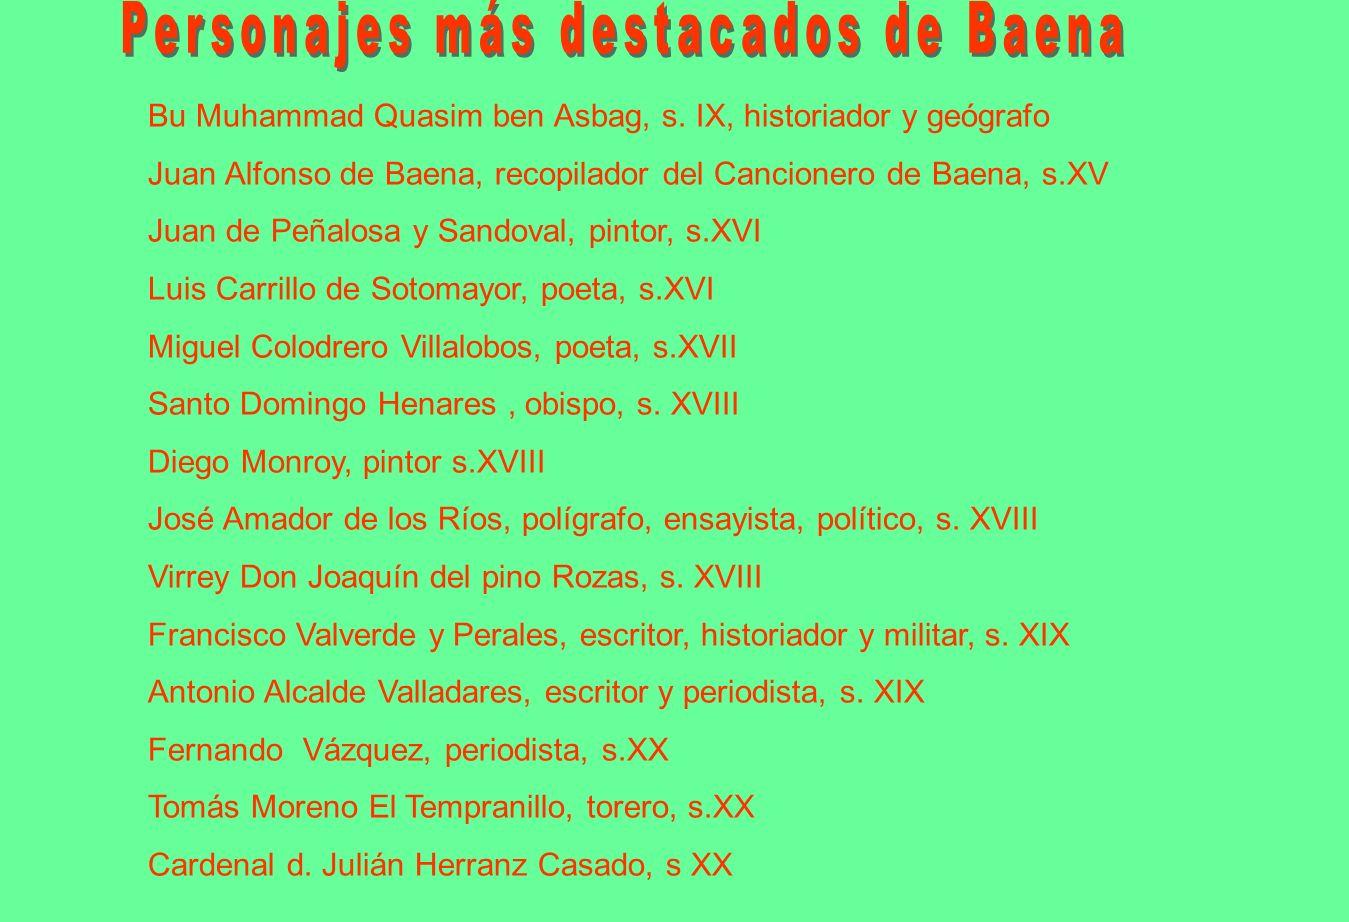 Nace en Baena el 1 de Octubre de 1848.